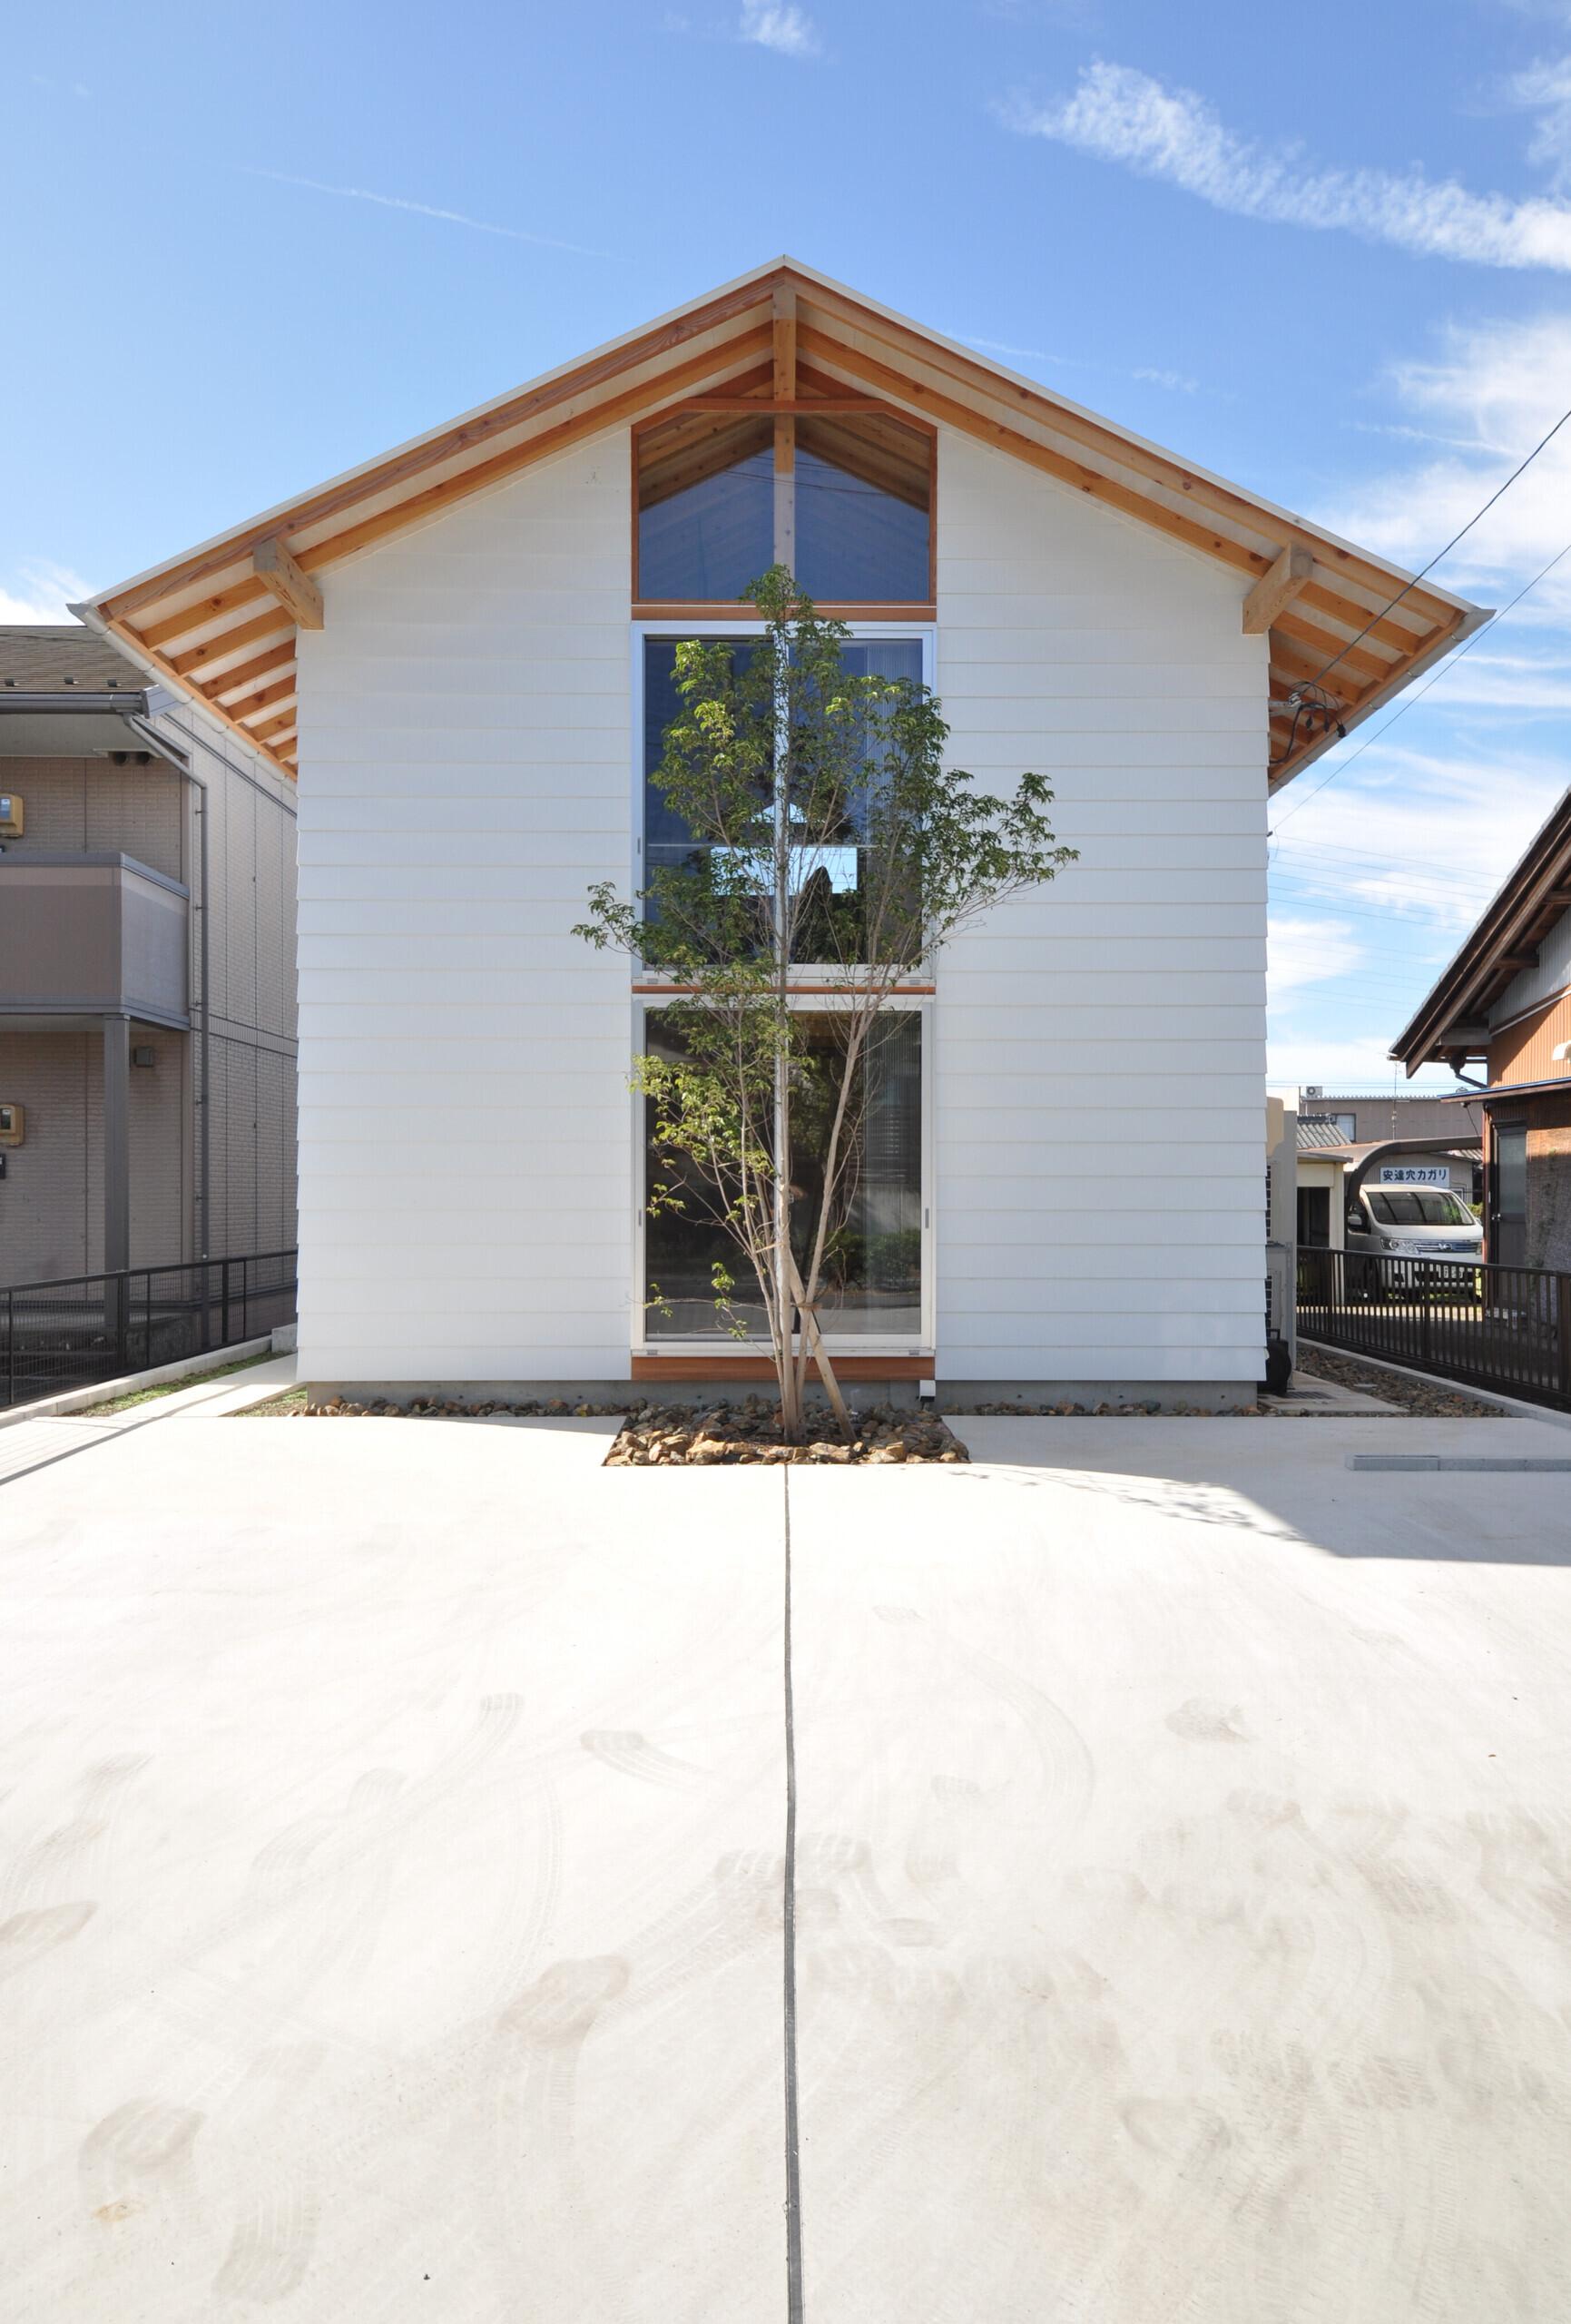 1200プロジェクト(分離発注・ローコスト住宅)の建築事例写真